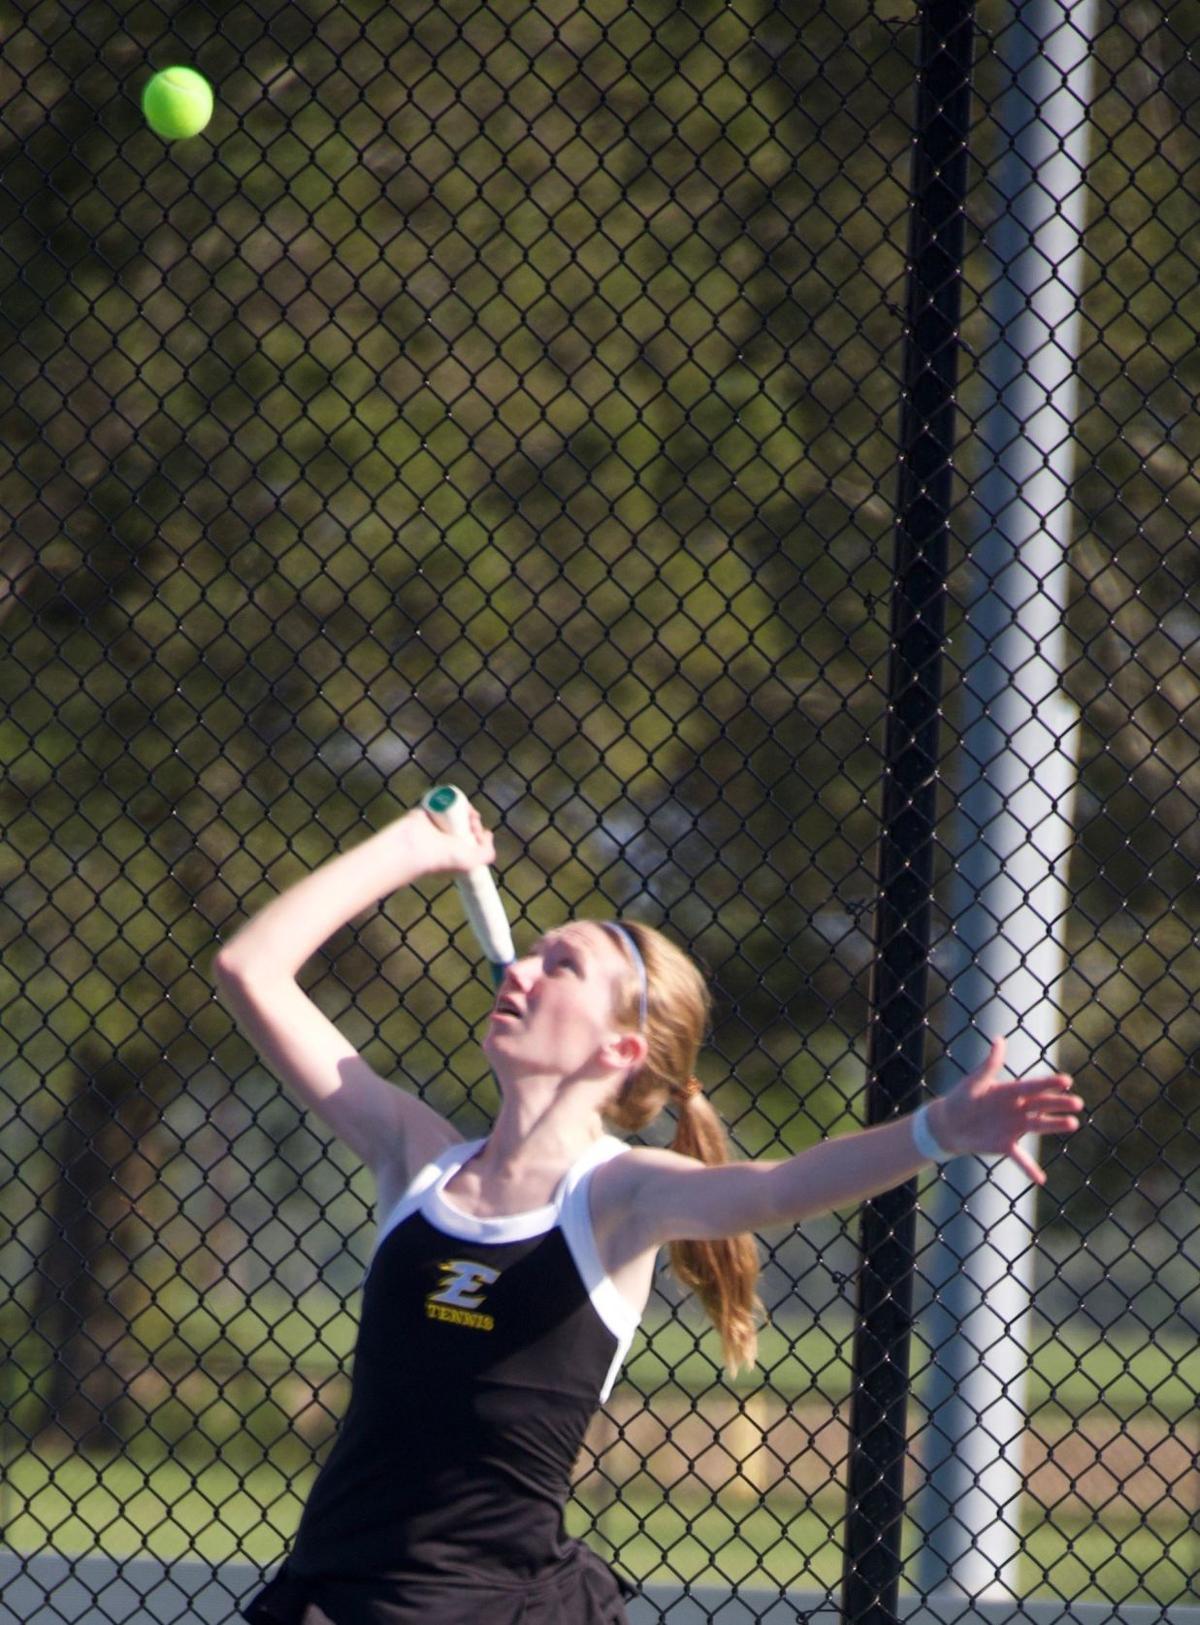 091619spear_edenton_tennis_girls